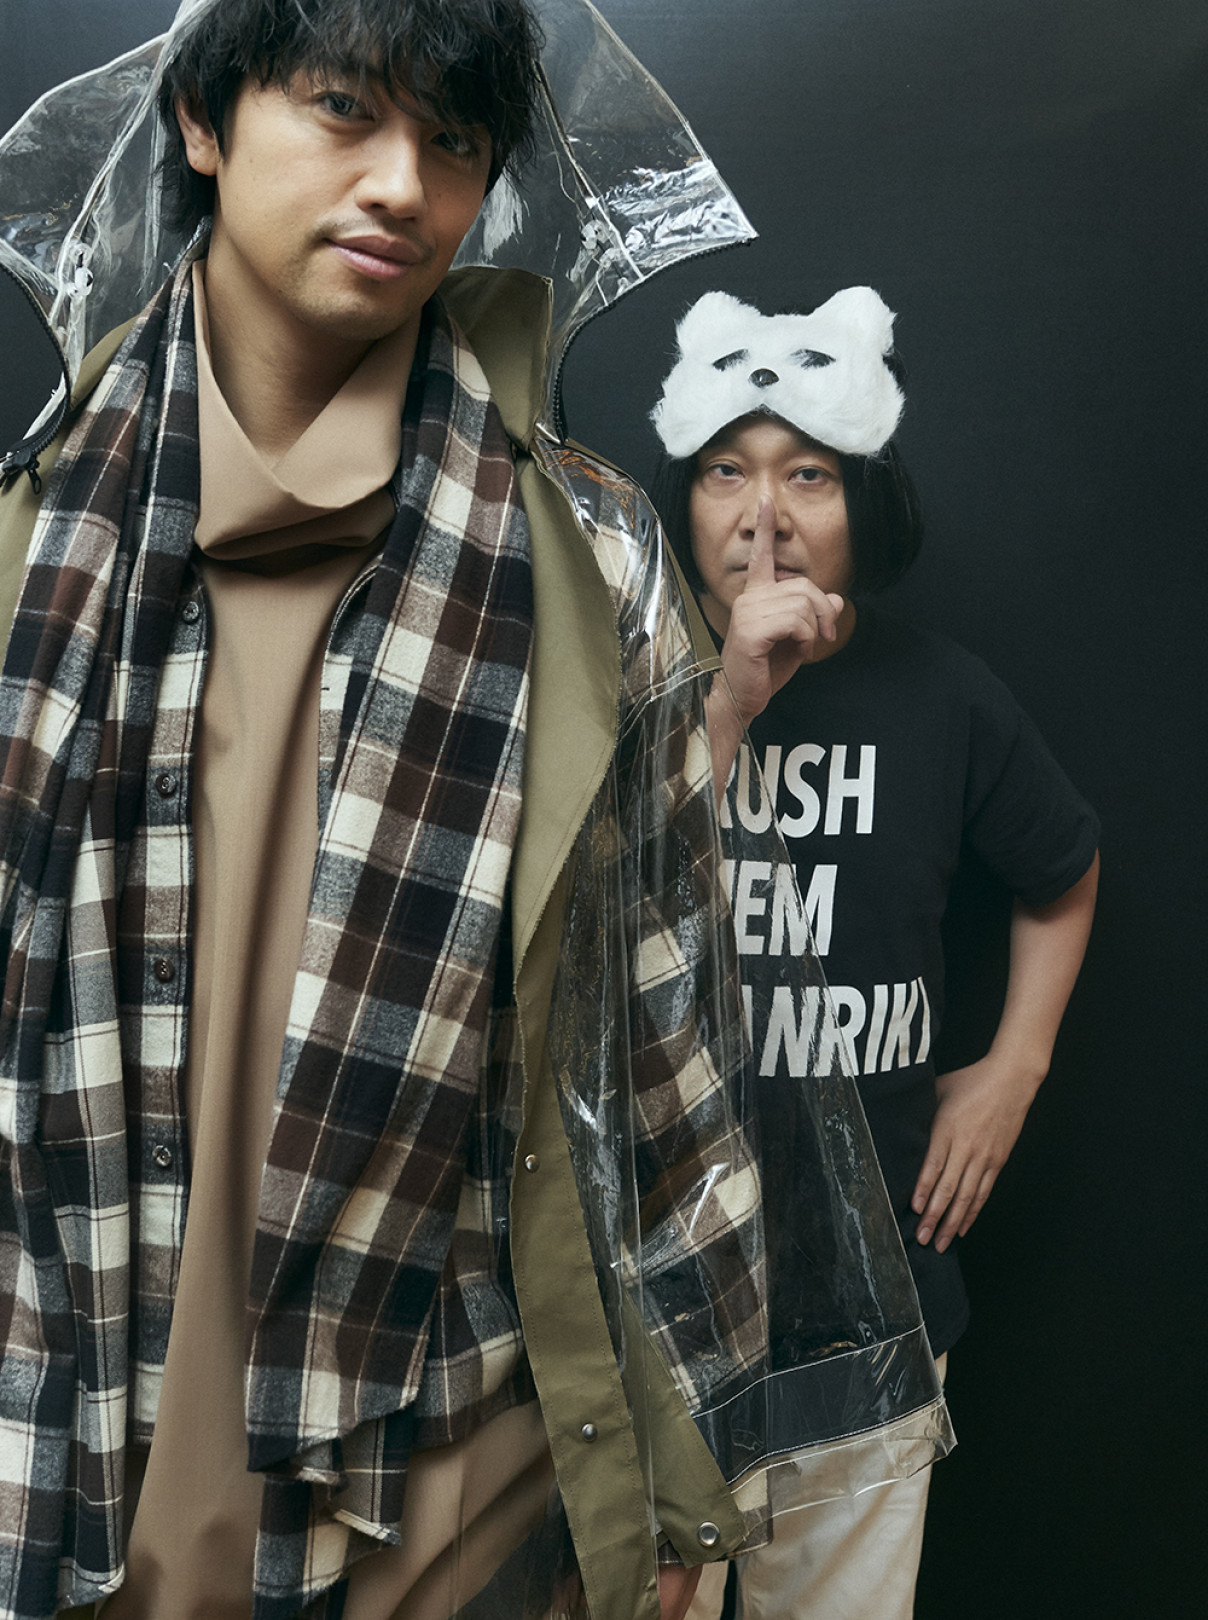 永野、斎藤工、金子ノブアキらによるクリエイティブ集団「チーム万力」。TGC出演をきっかけに描かれた永野の頭の中『MANRIKI』【INTERVIEW】